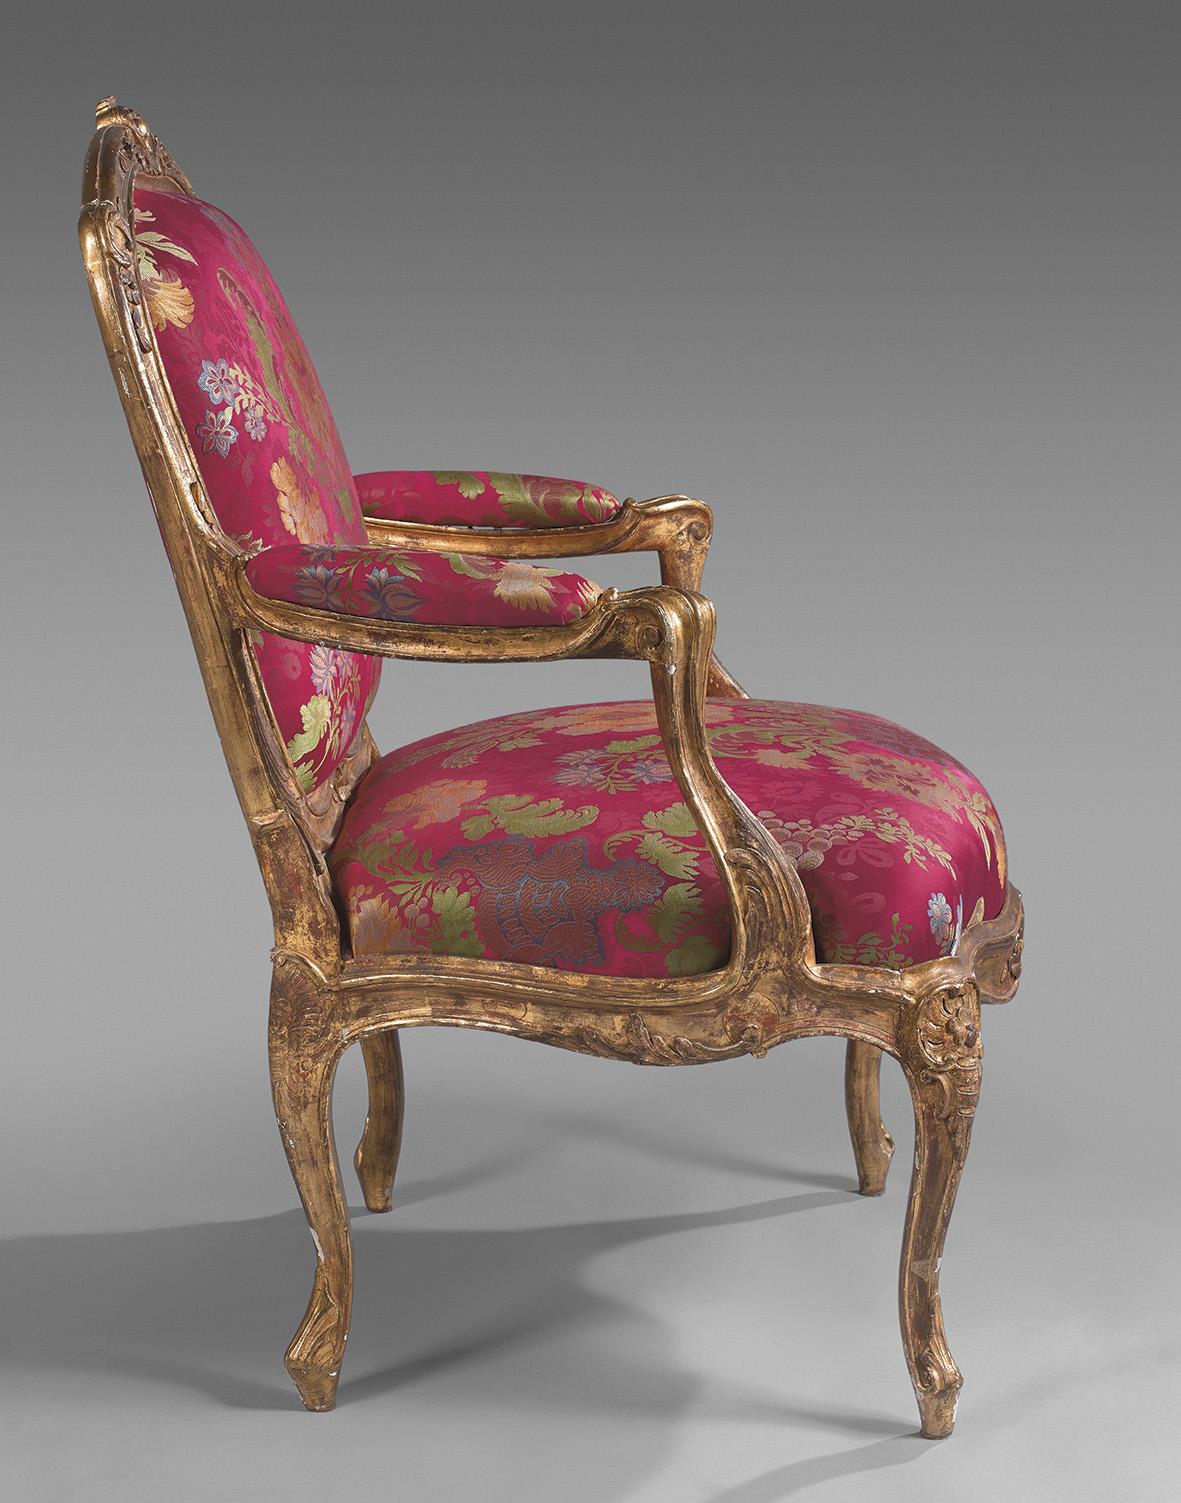 Ce fauteuil à châssis fait partie d'une suite de six –dont deux sont estampillés «Tilliard»— en hêtre doré sculpté de grenades et cartou